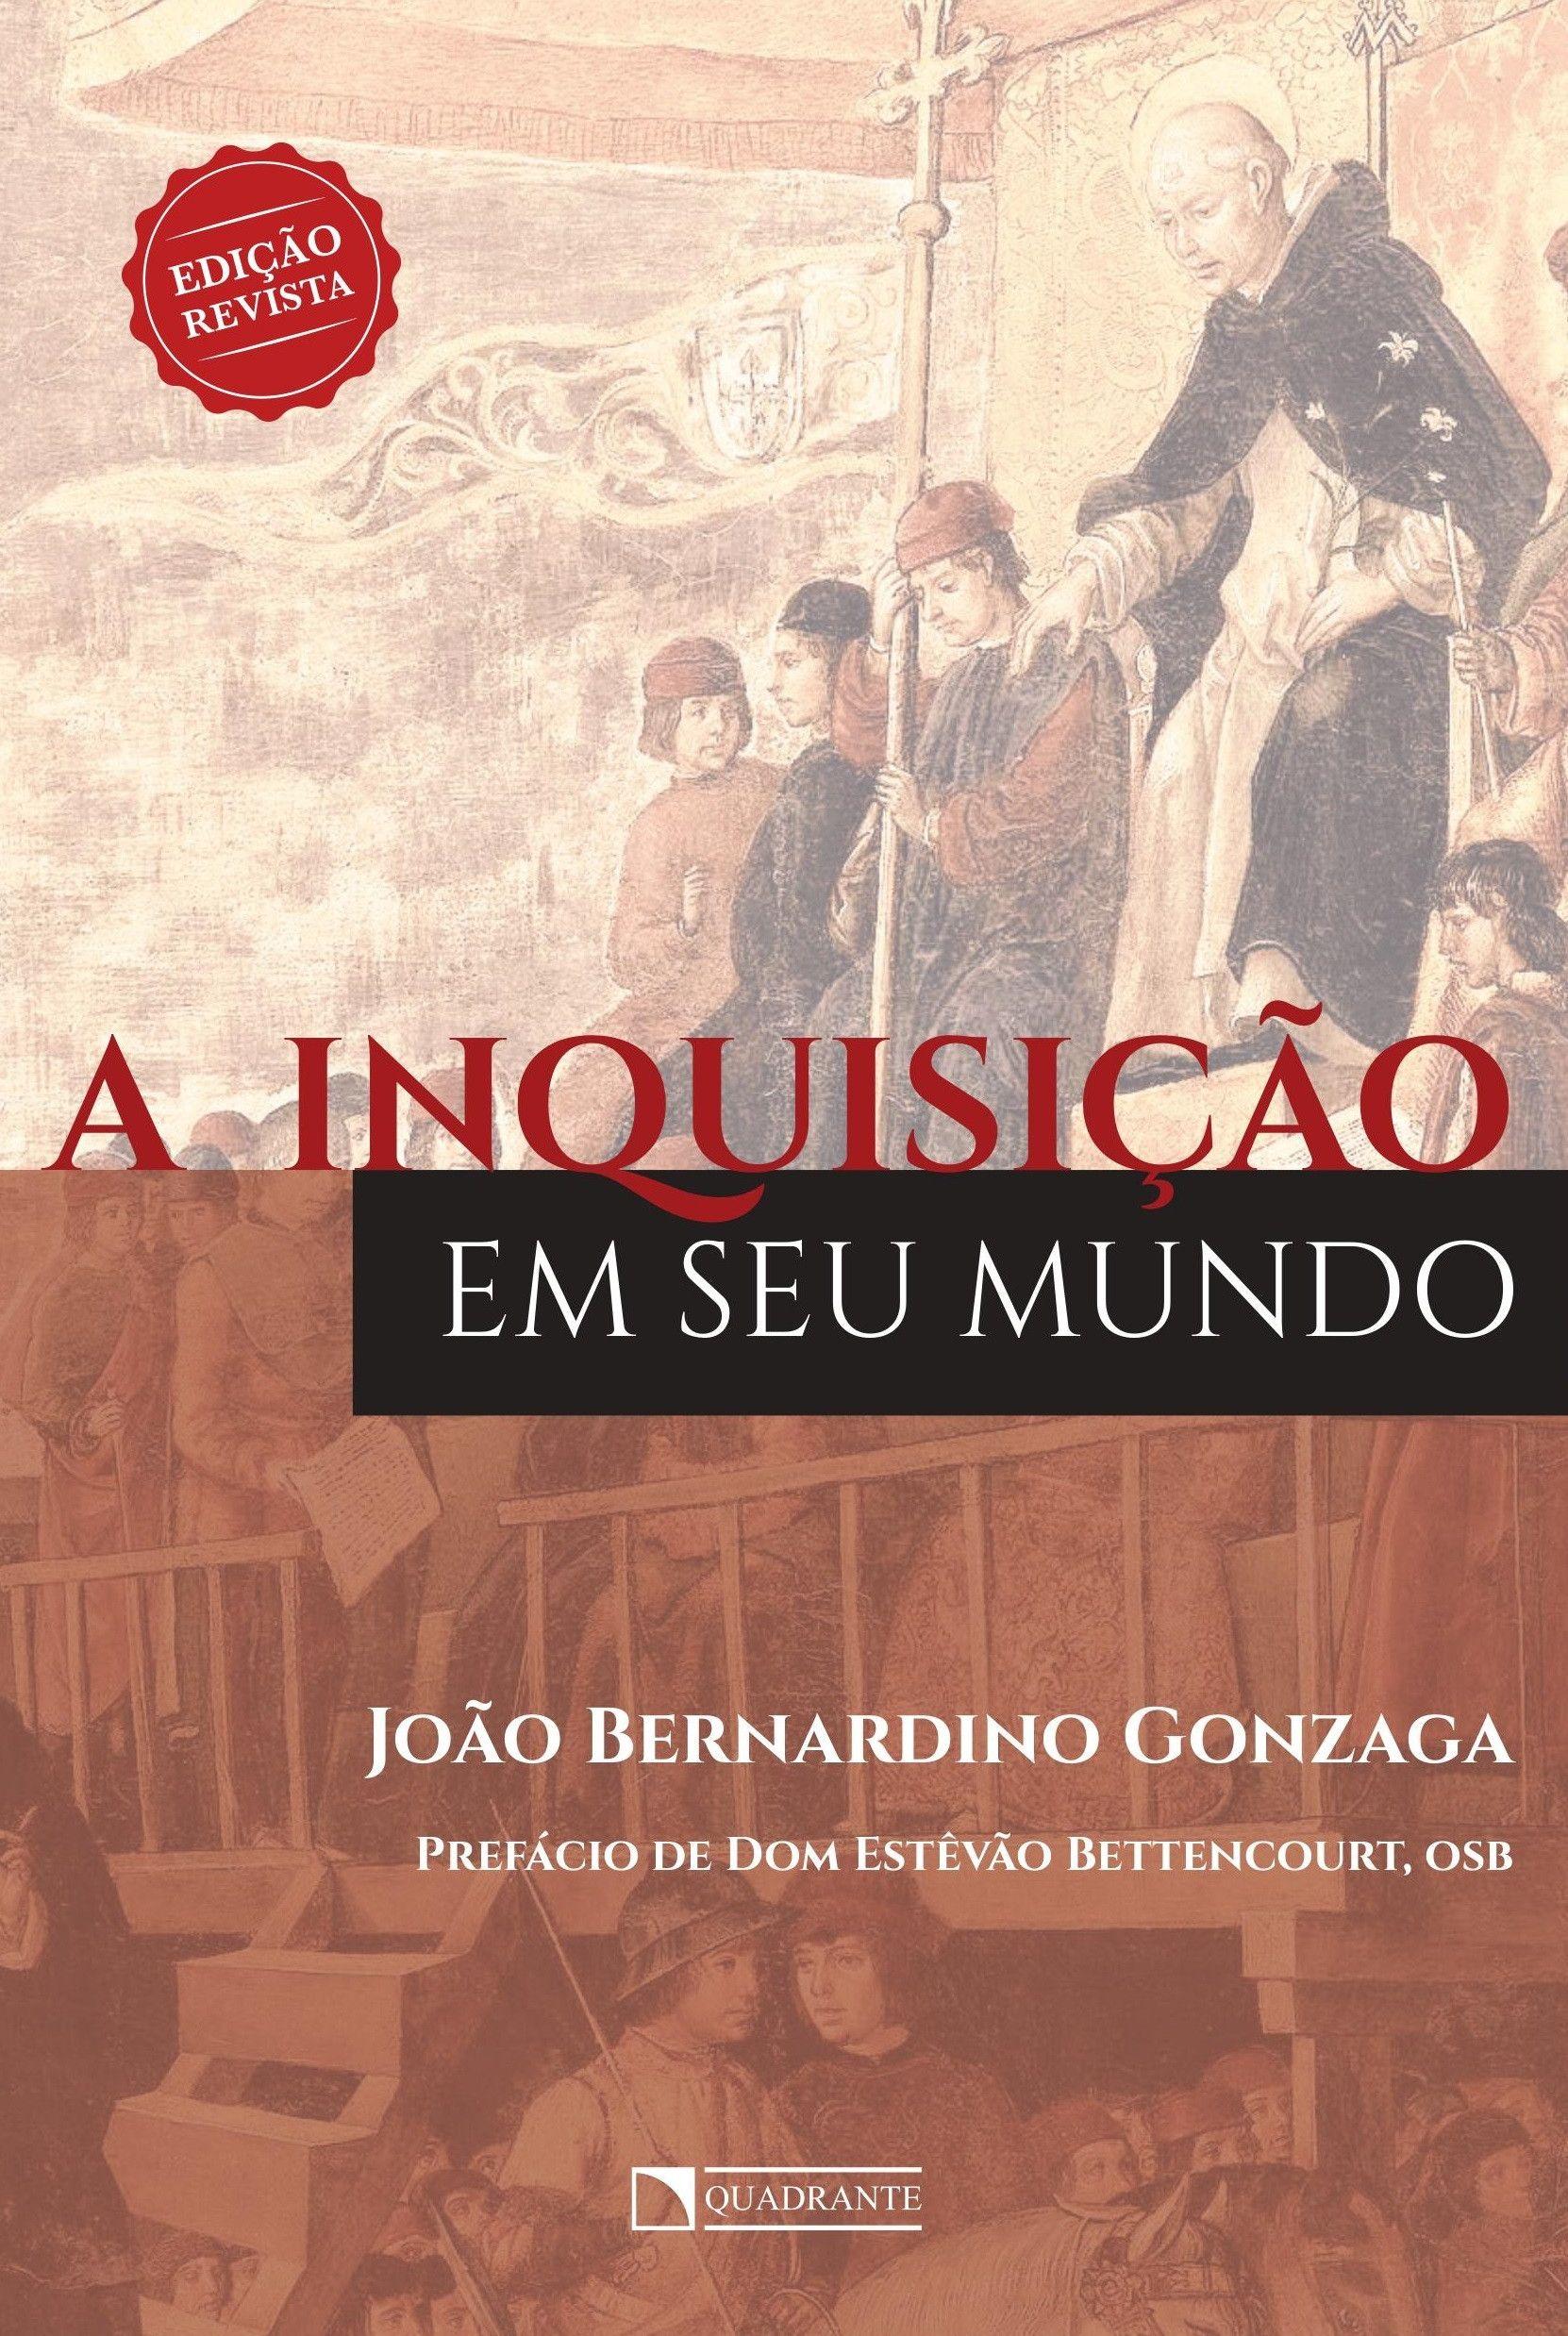 Livro A Inquisição em seu mundo